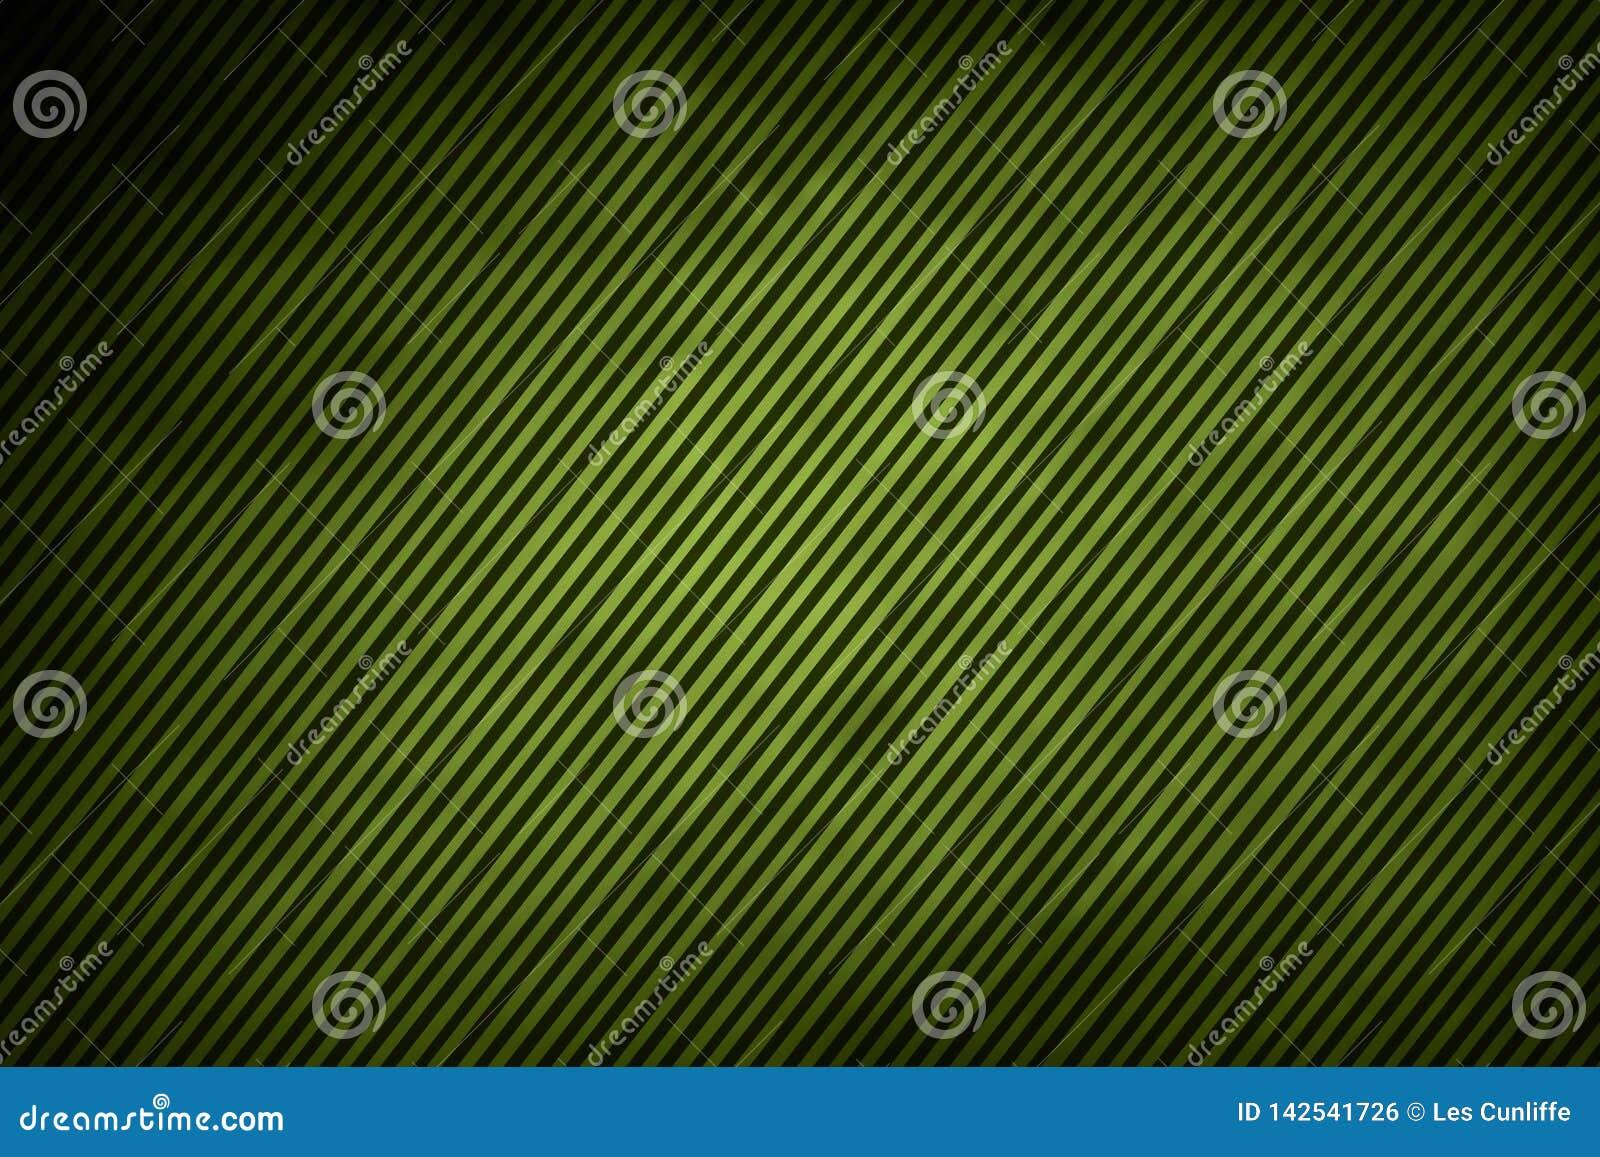 Линии на зеленом цвете